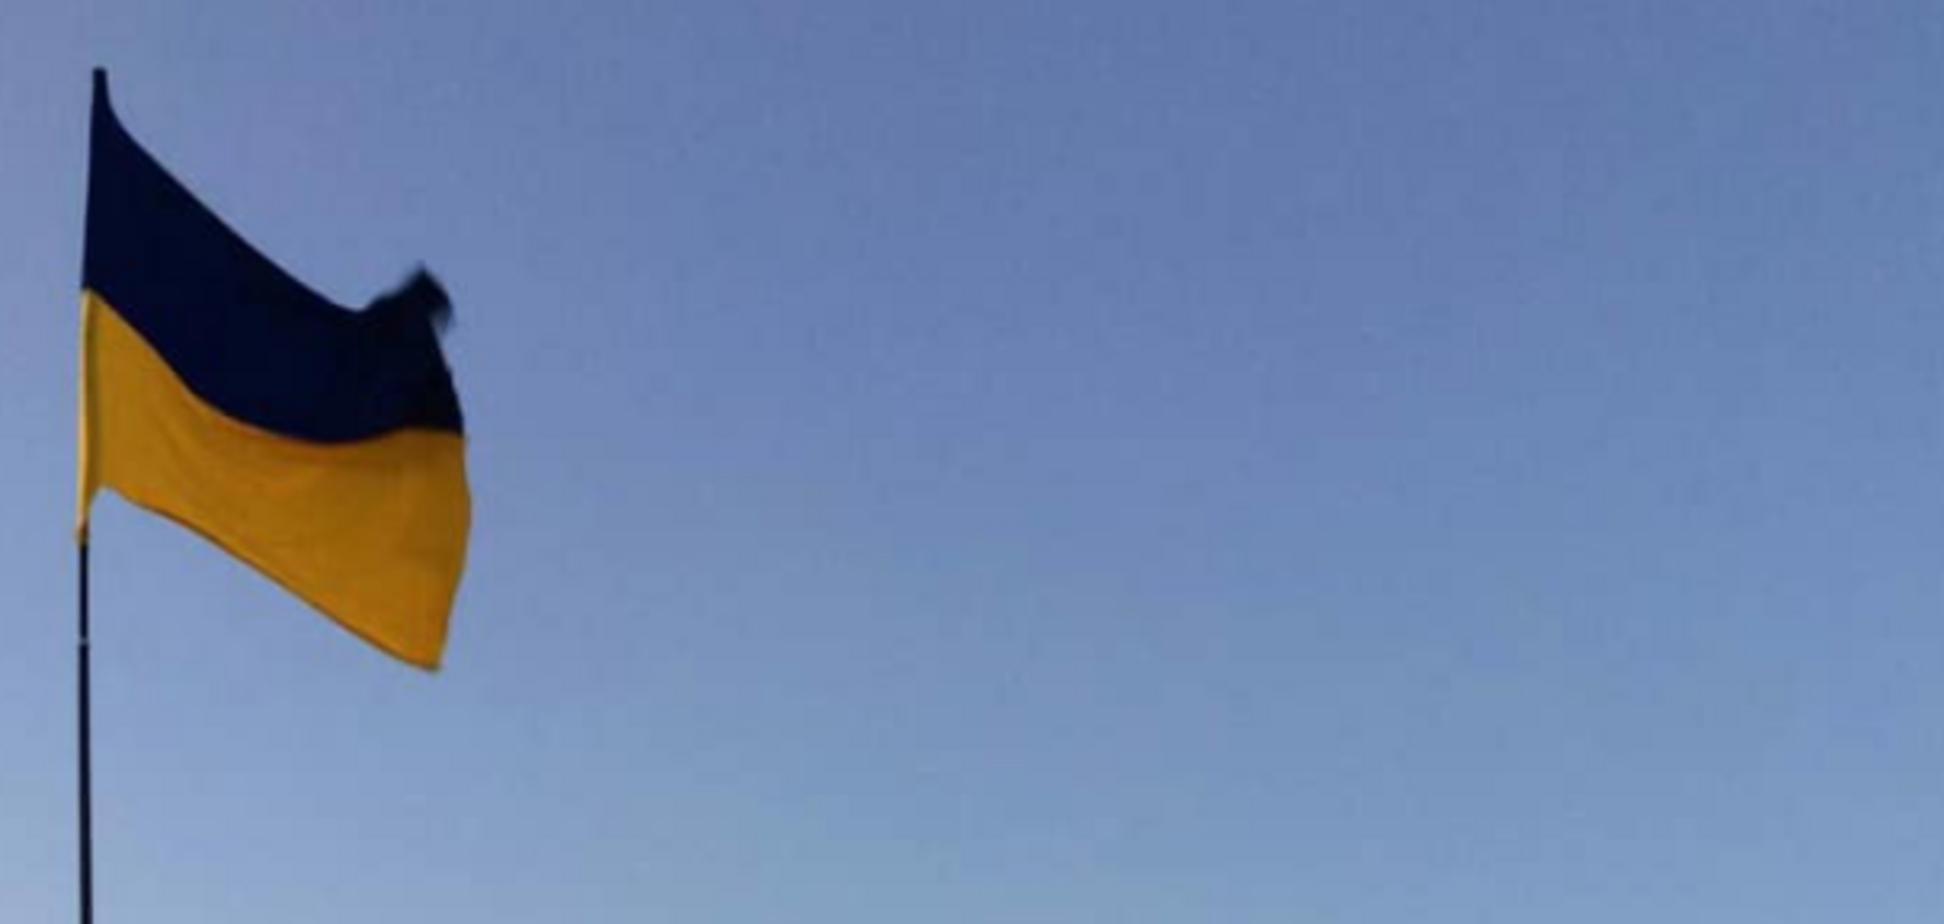 'Путин услышал Зеленского?' В Крыму под носом у оккупантов подняли флаг Украины. Видеофакт